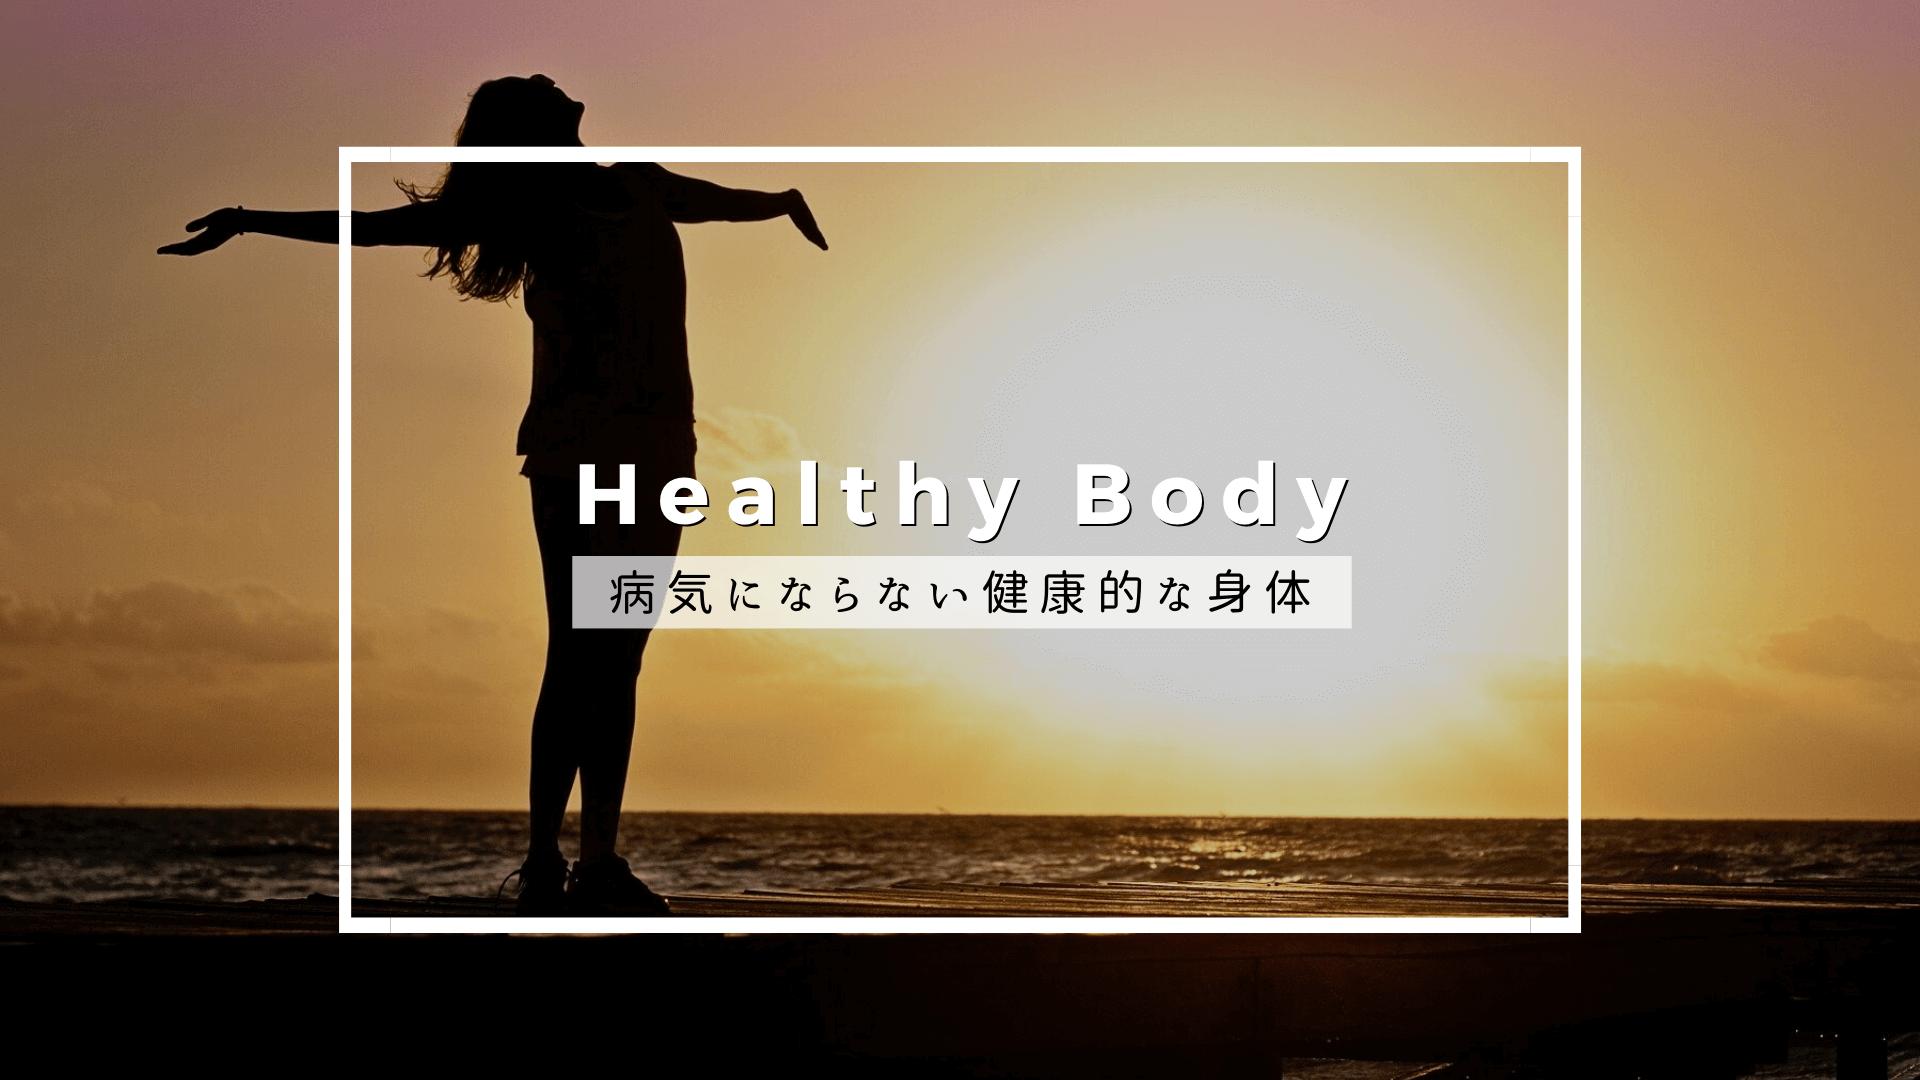 Healthy Body 病気にならない健康的な身体